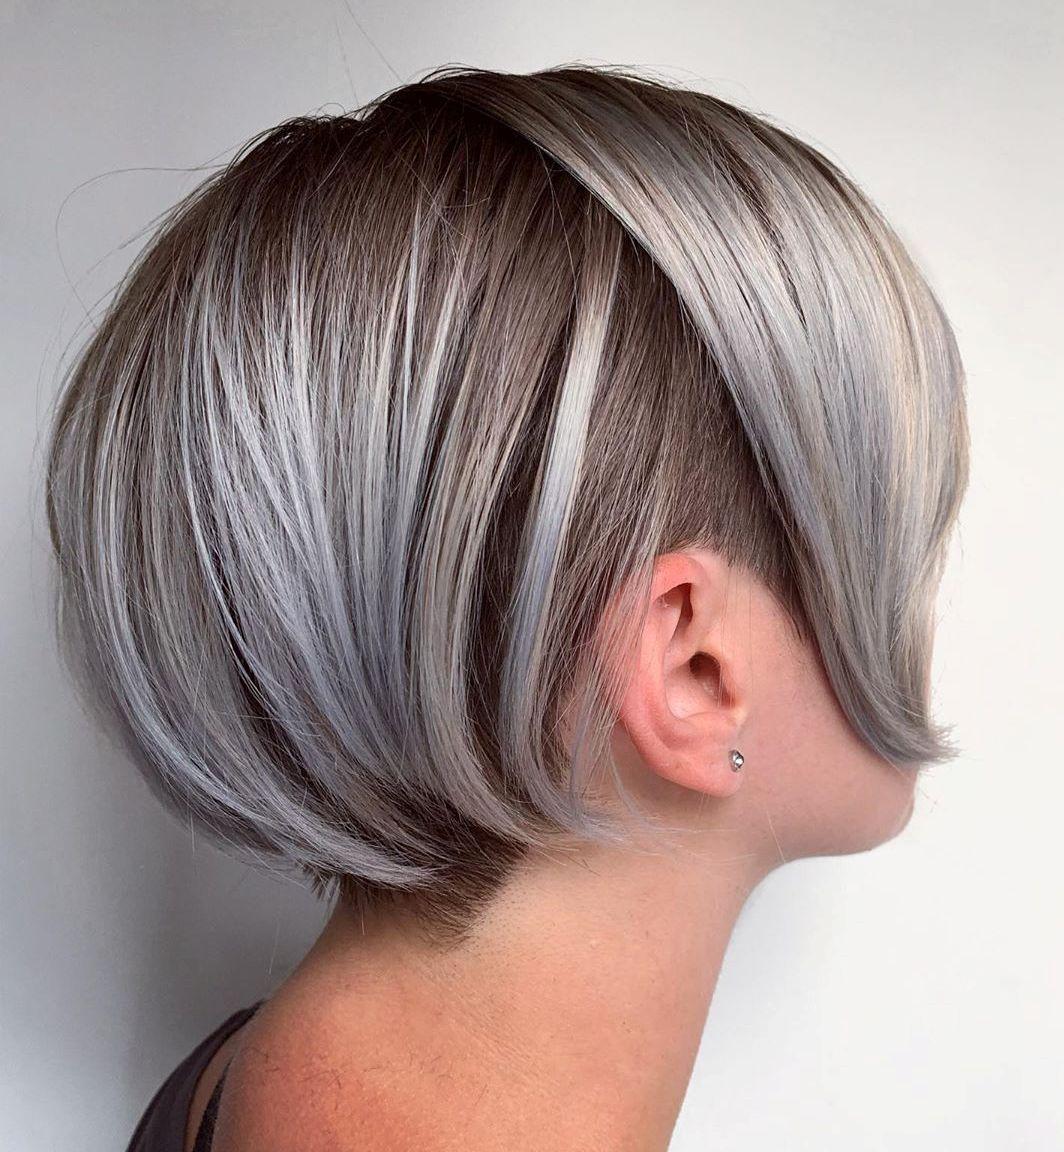 Dark Silver Undercut Hairstyle